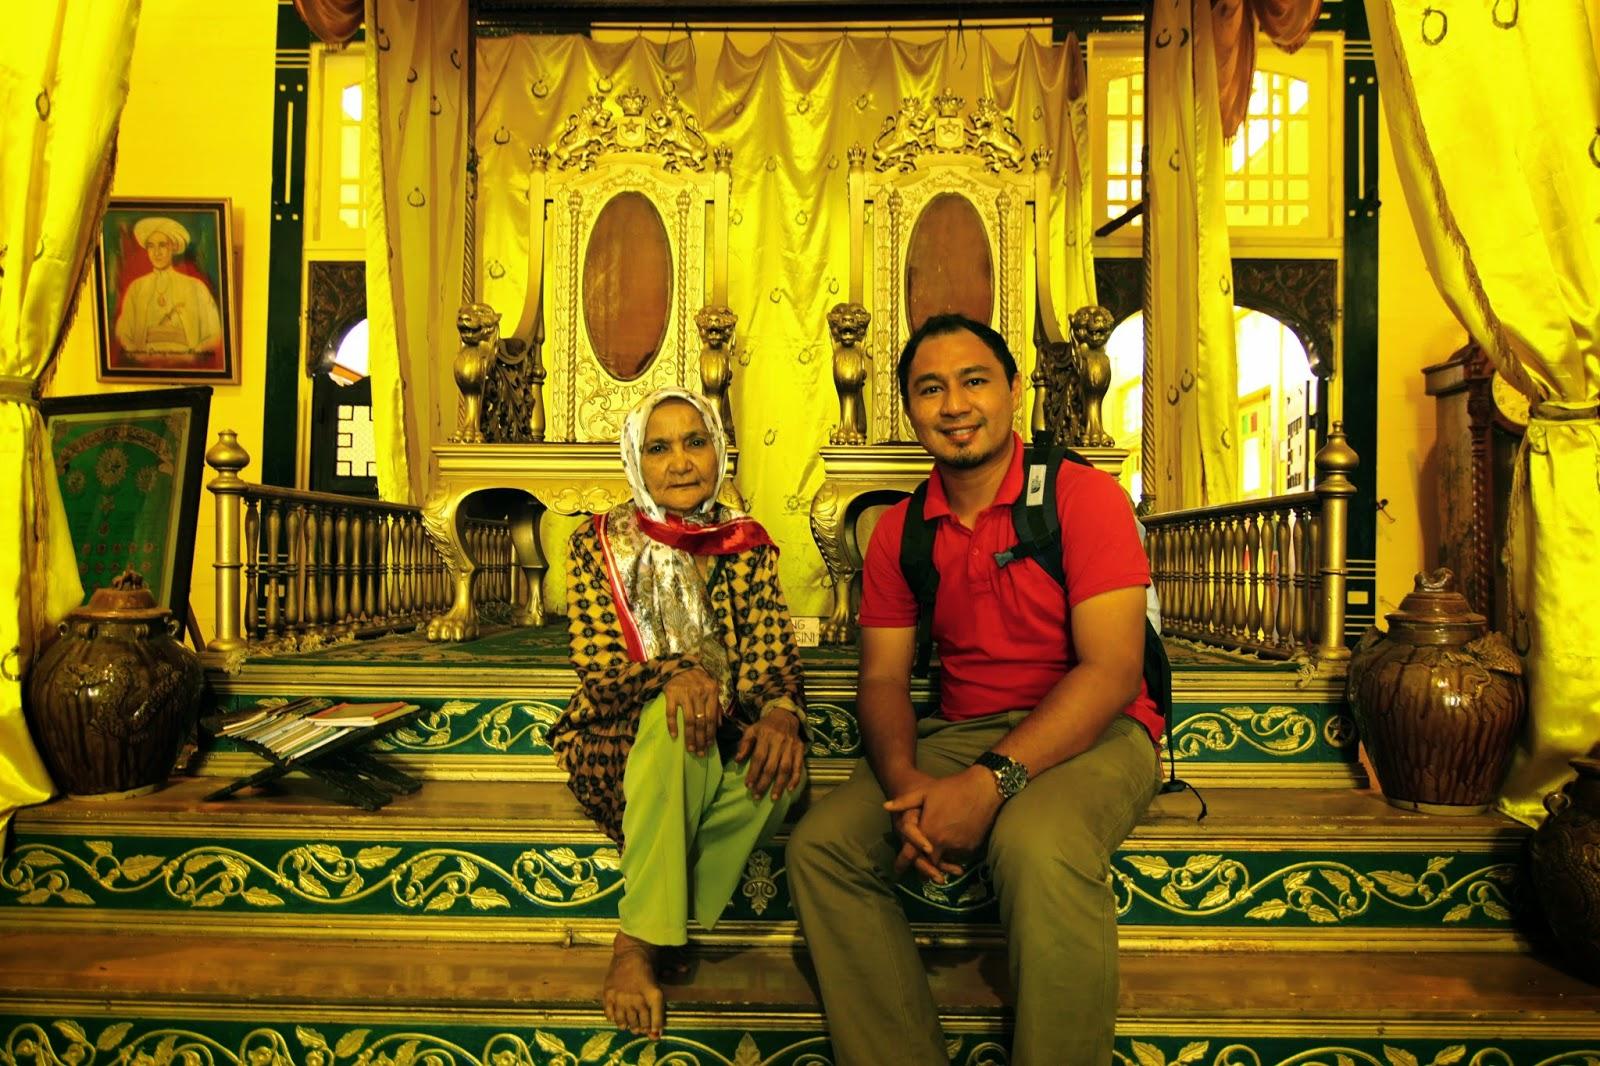 Bersama pewaris dan penjaga Istana Kadriyah Pontianak